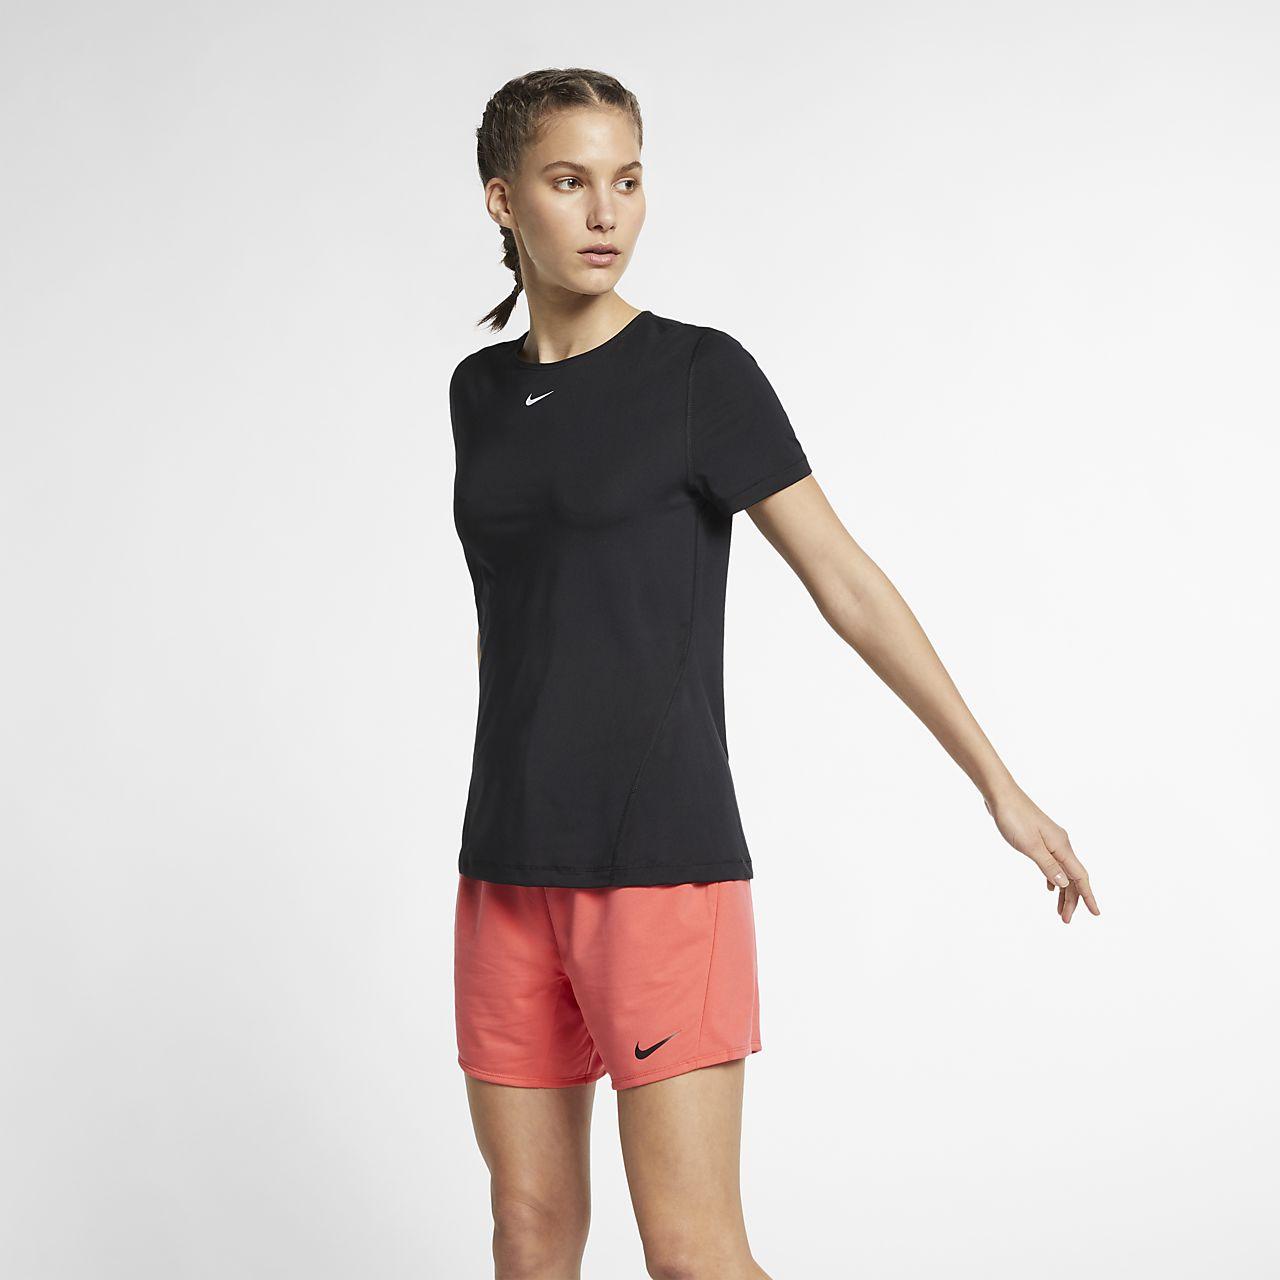 Dámský tréninkový top Nike Pro s krátkým rukávem a síťovinou